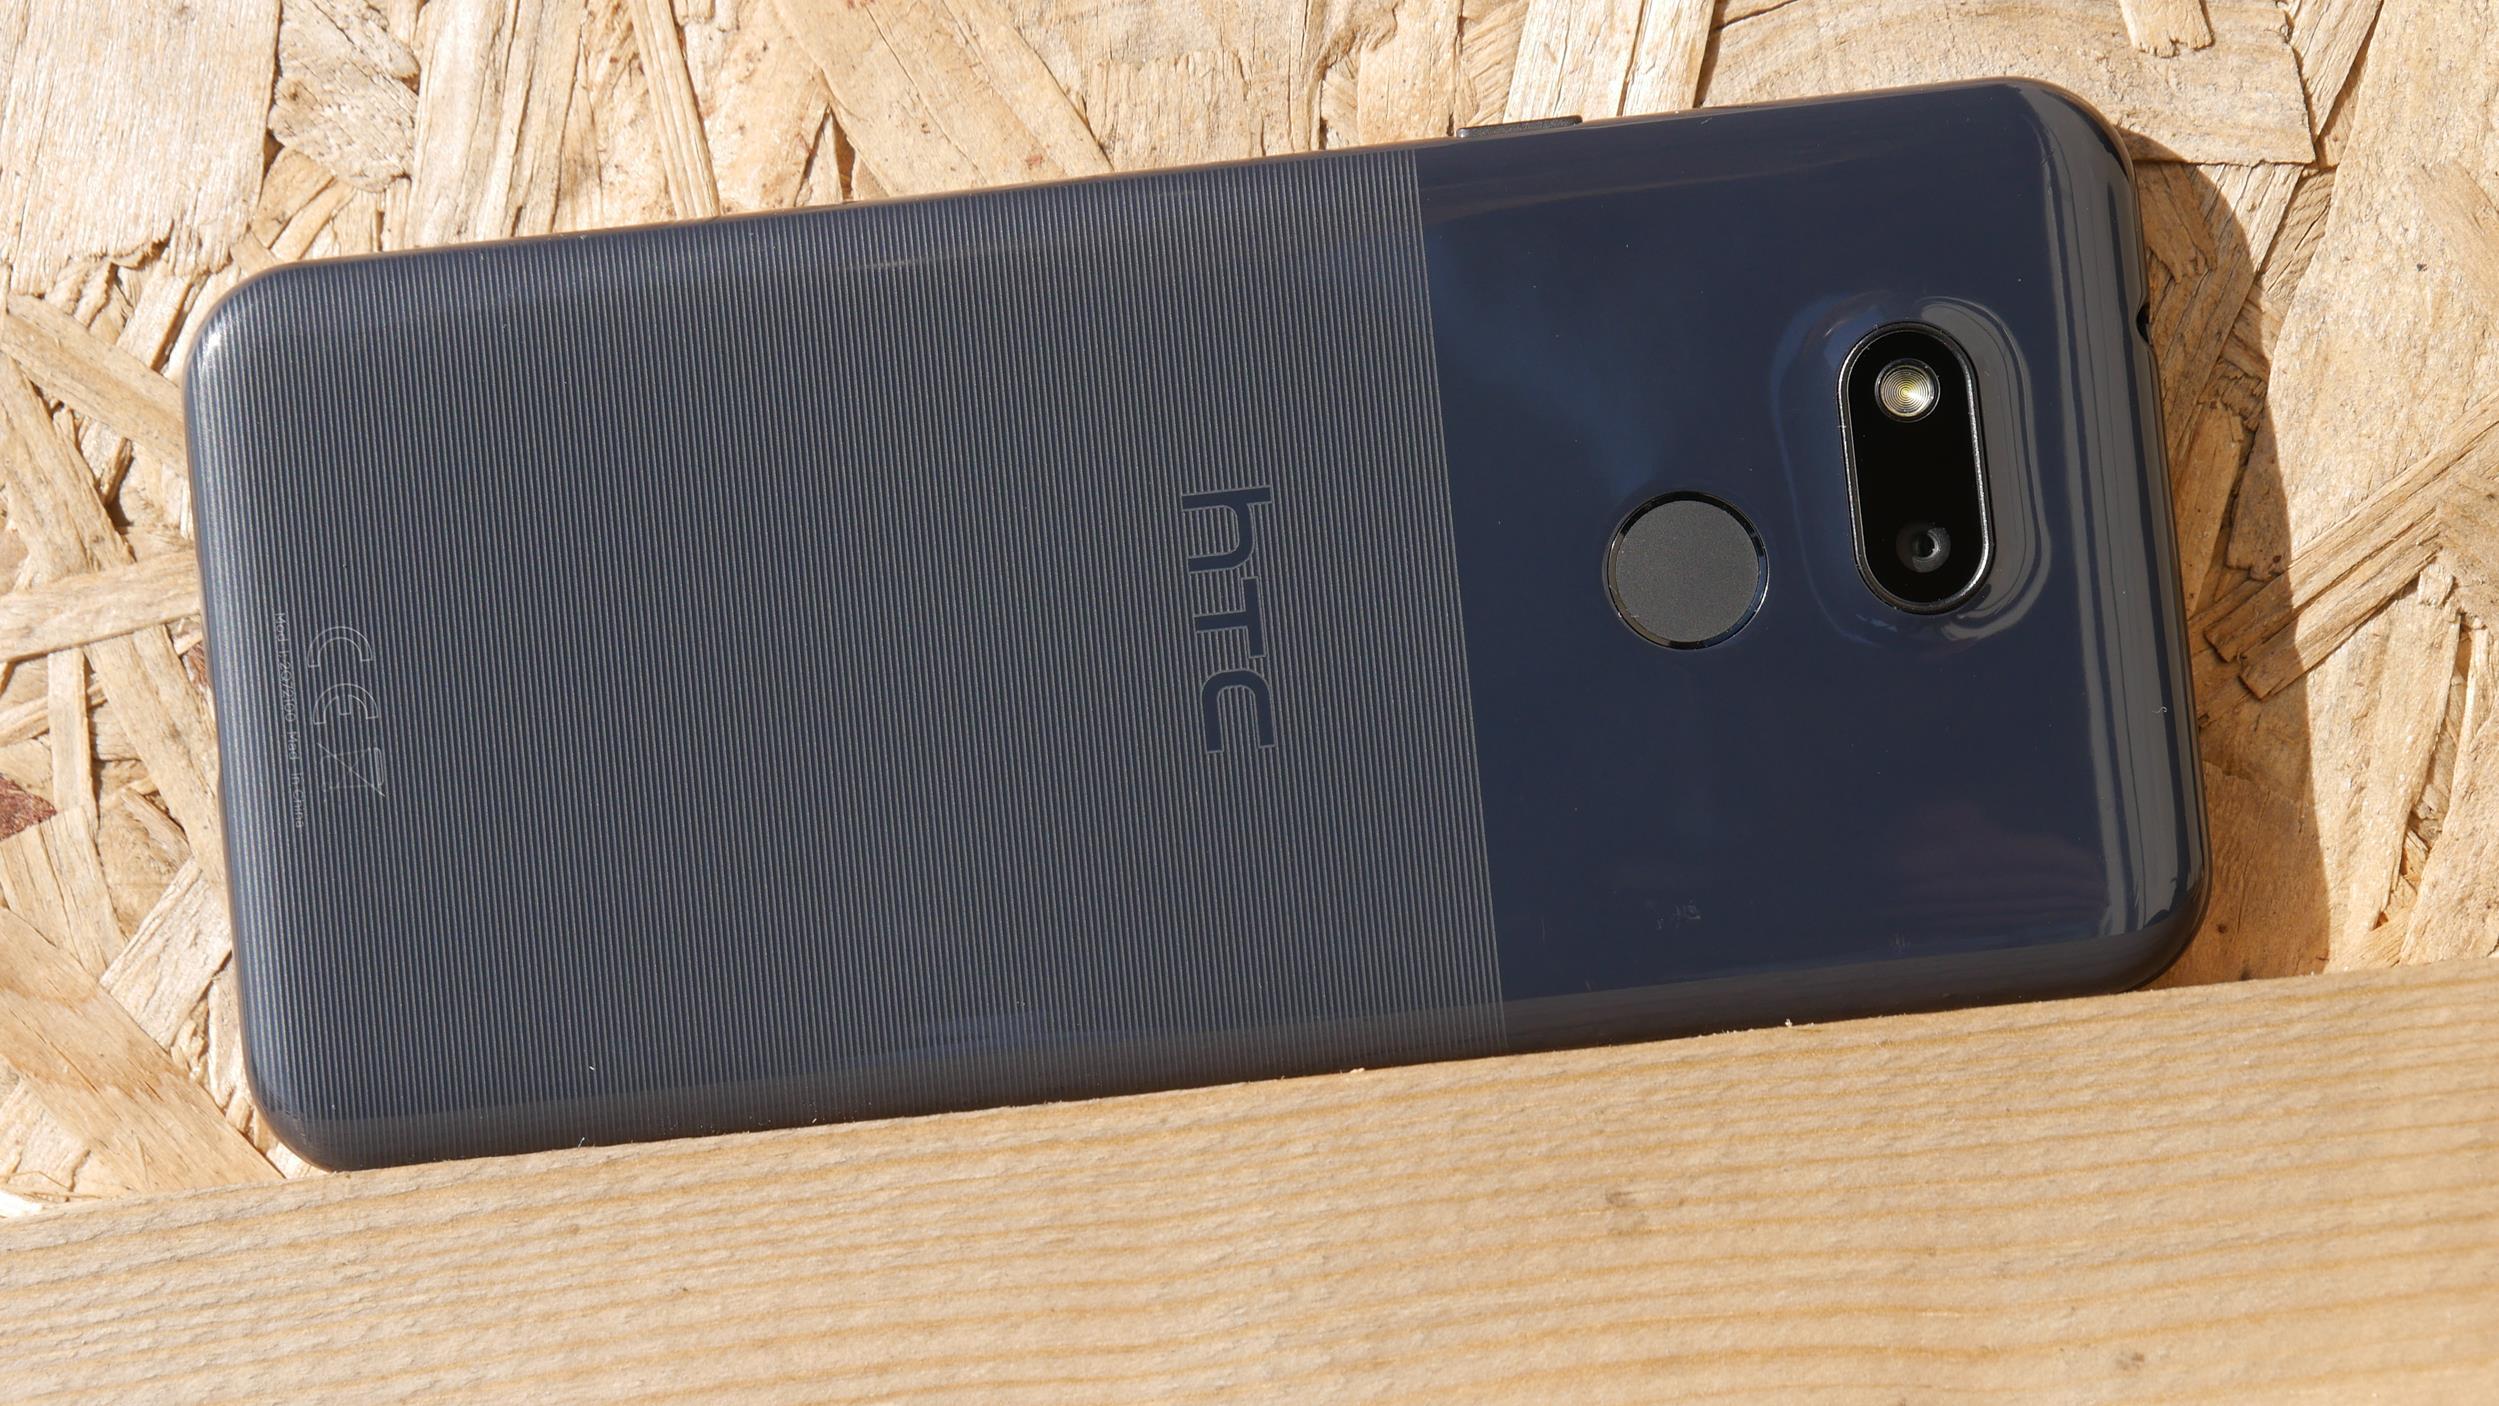 Recenzja HTC Desire 12s - smartfona, dla którego czas się zatrzymał... 25